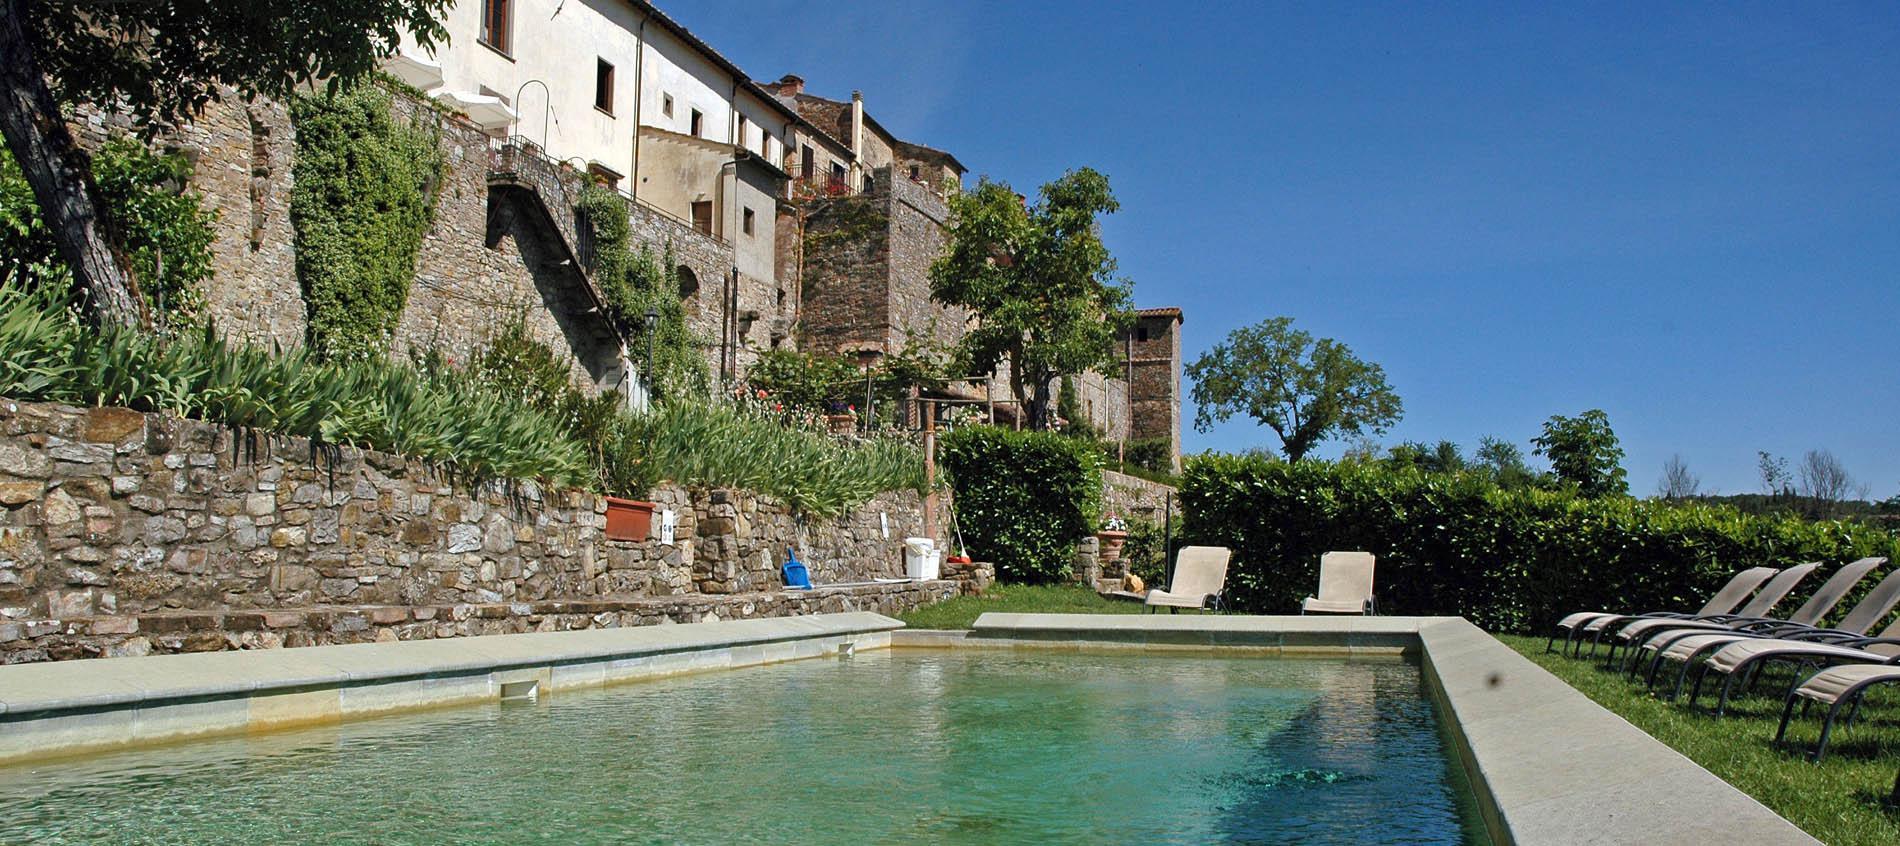 Hotel ristorante agriturismo a castellina in chianti sito ufficiale - Hotel con piscina toscana ...